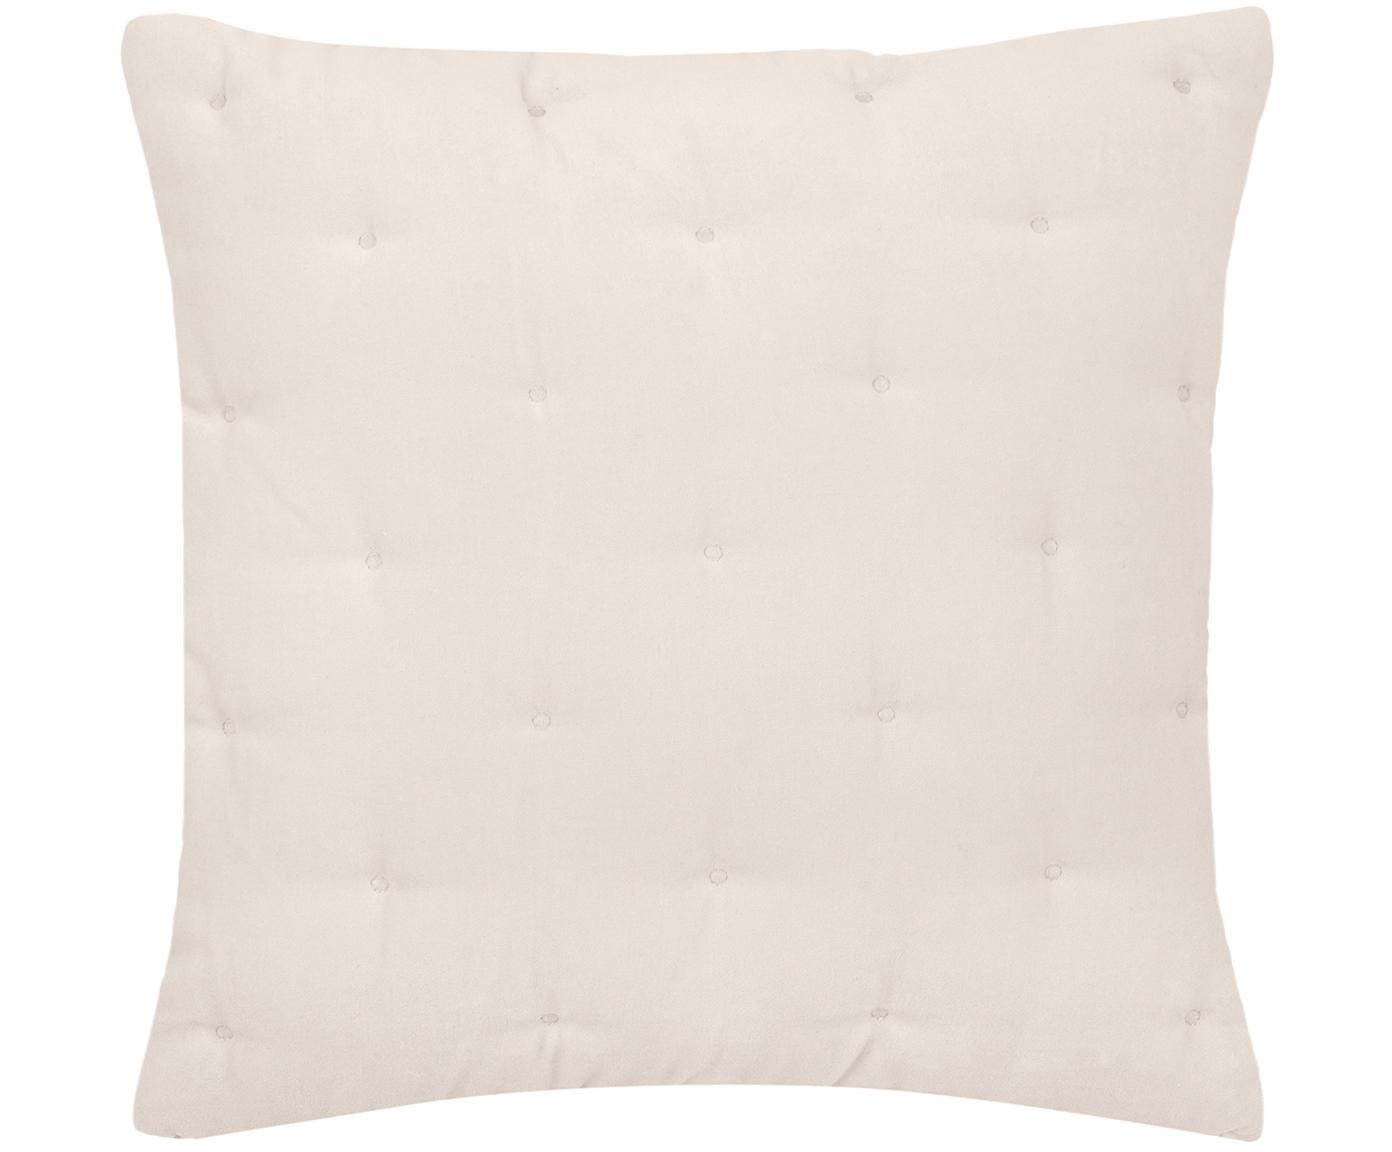 Poszewka na poduszkę z aksamitu Cheryl, 100% bawełna, Szampański, S 50 x D 50 cm